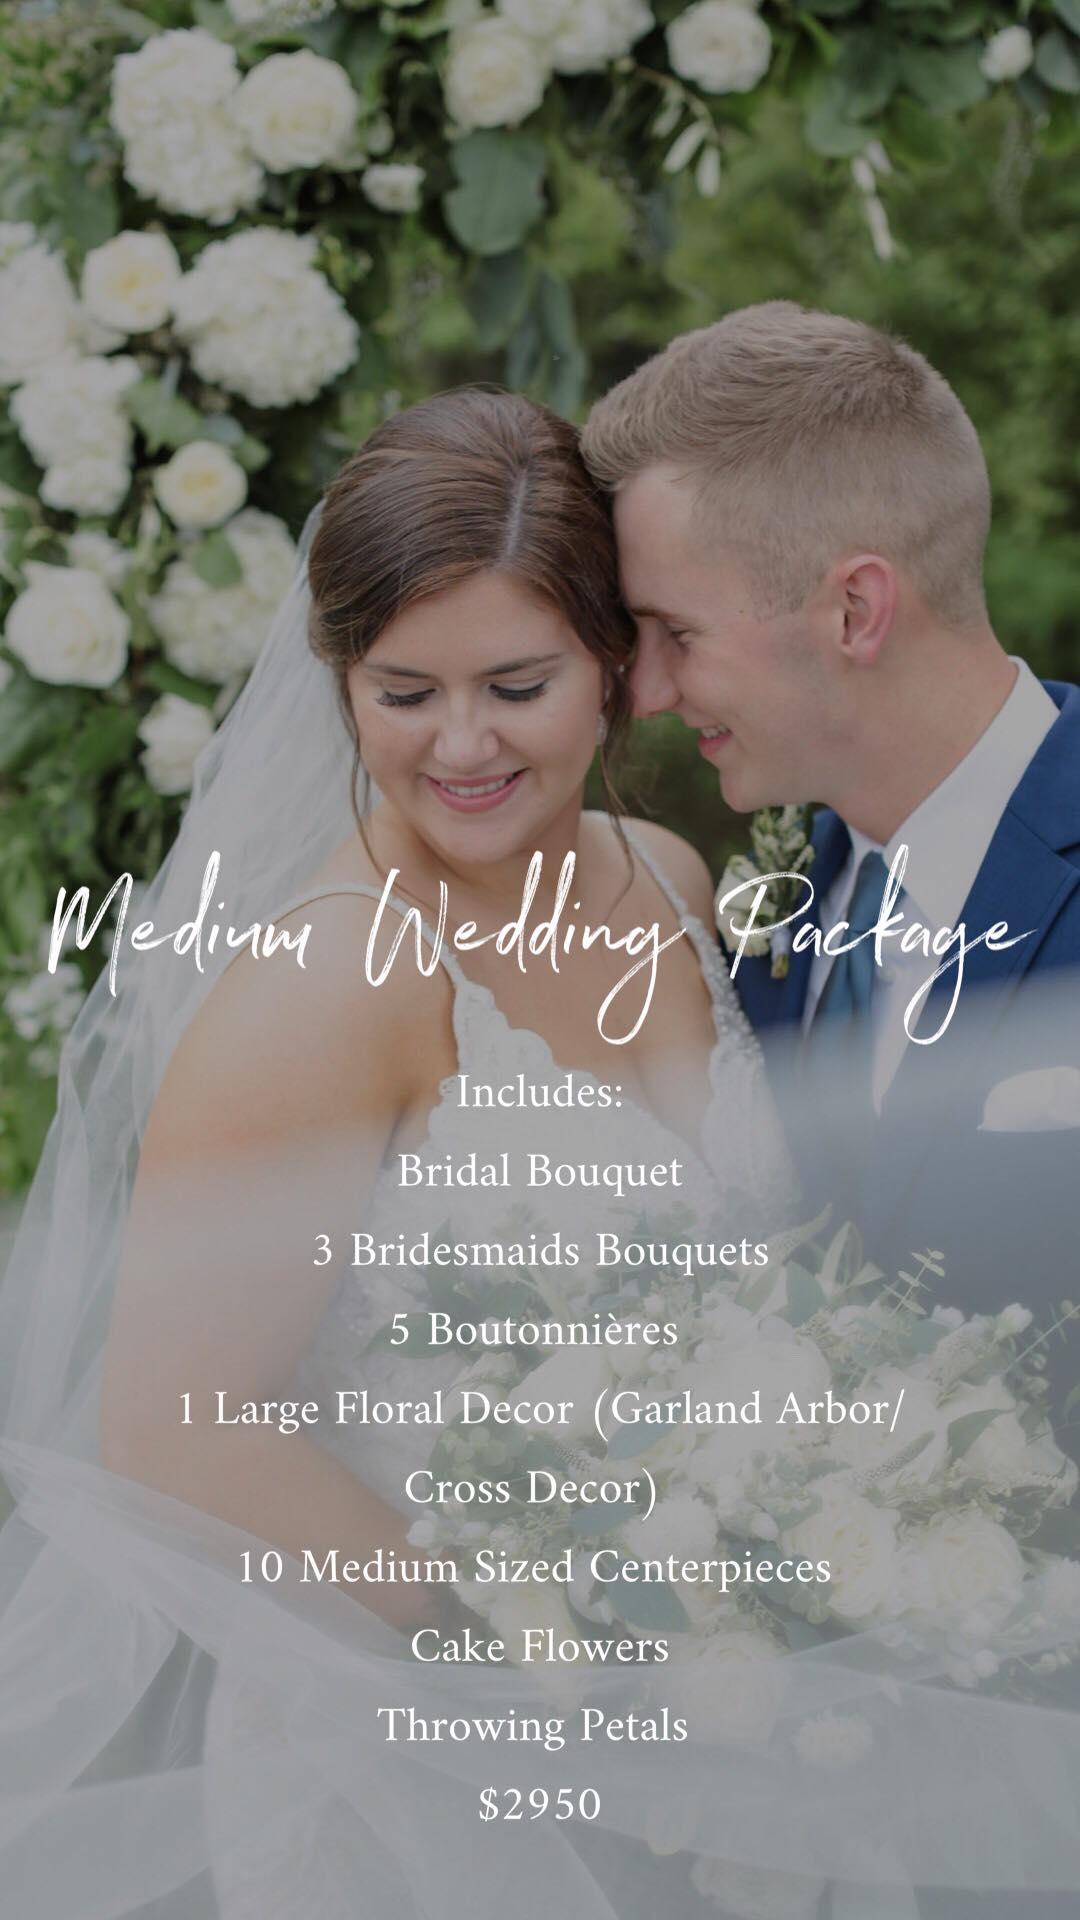 Medium Wedding Package- $2950